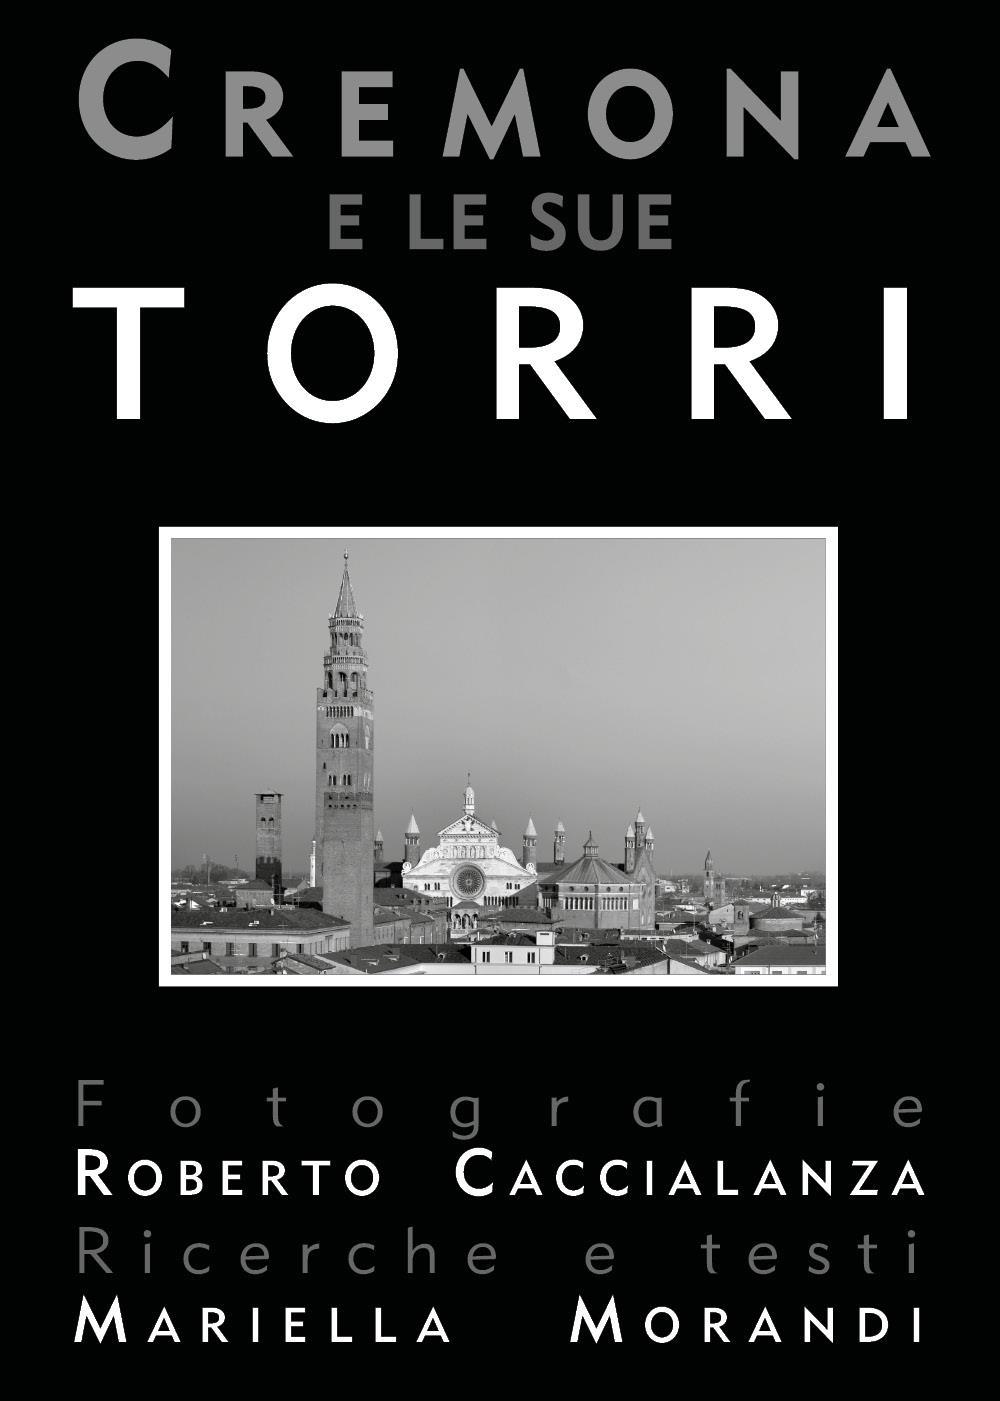 Cremona e le sue torri (seconda edizione)